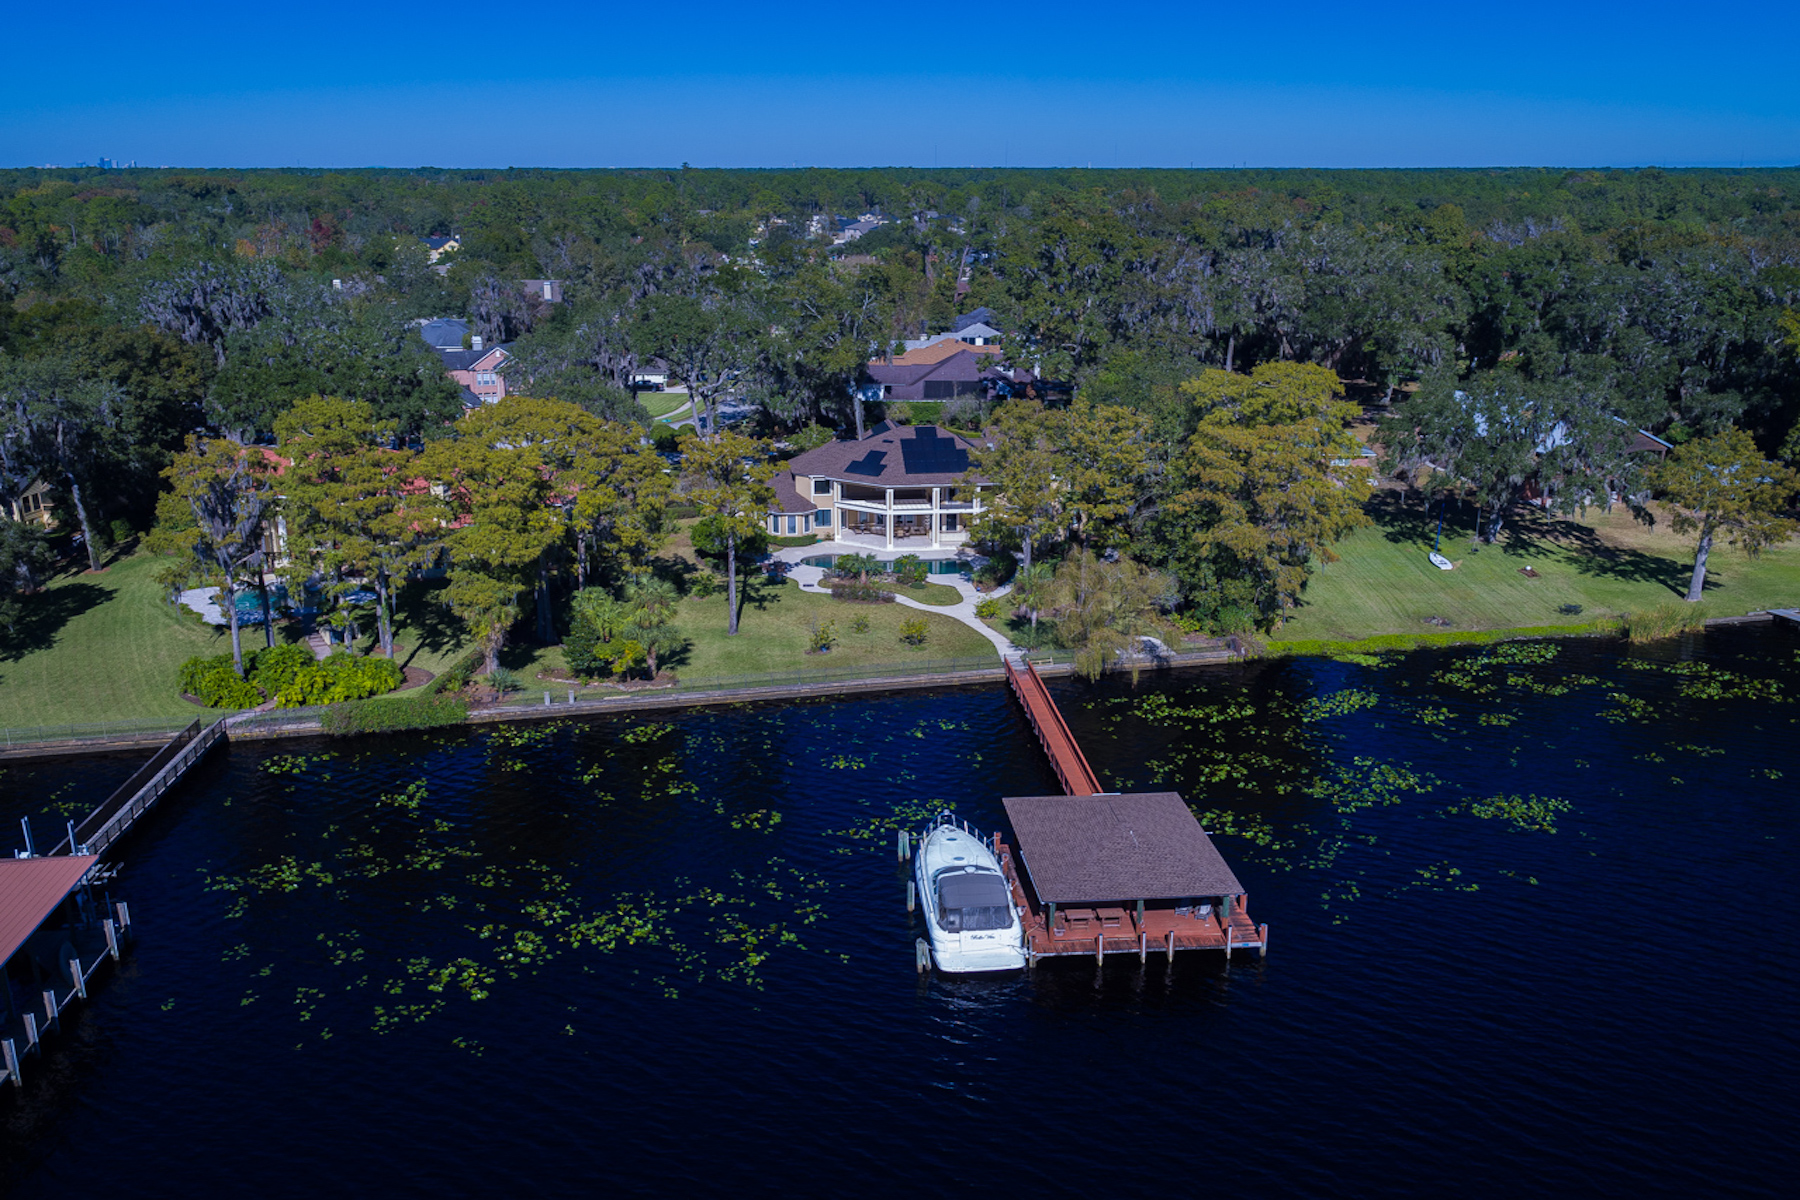 Maison unifamiliale pour l Vente à 12799 Camelia Bay 12799 Camellia Bay Drive East Jacksonville, Florida, 32223 États-Unis